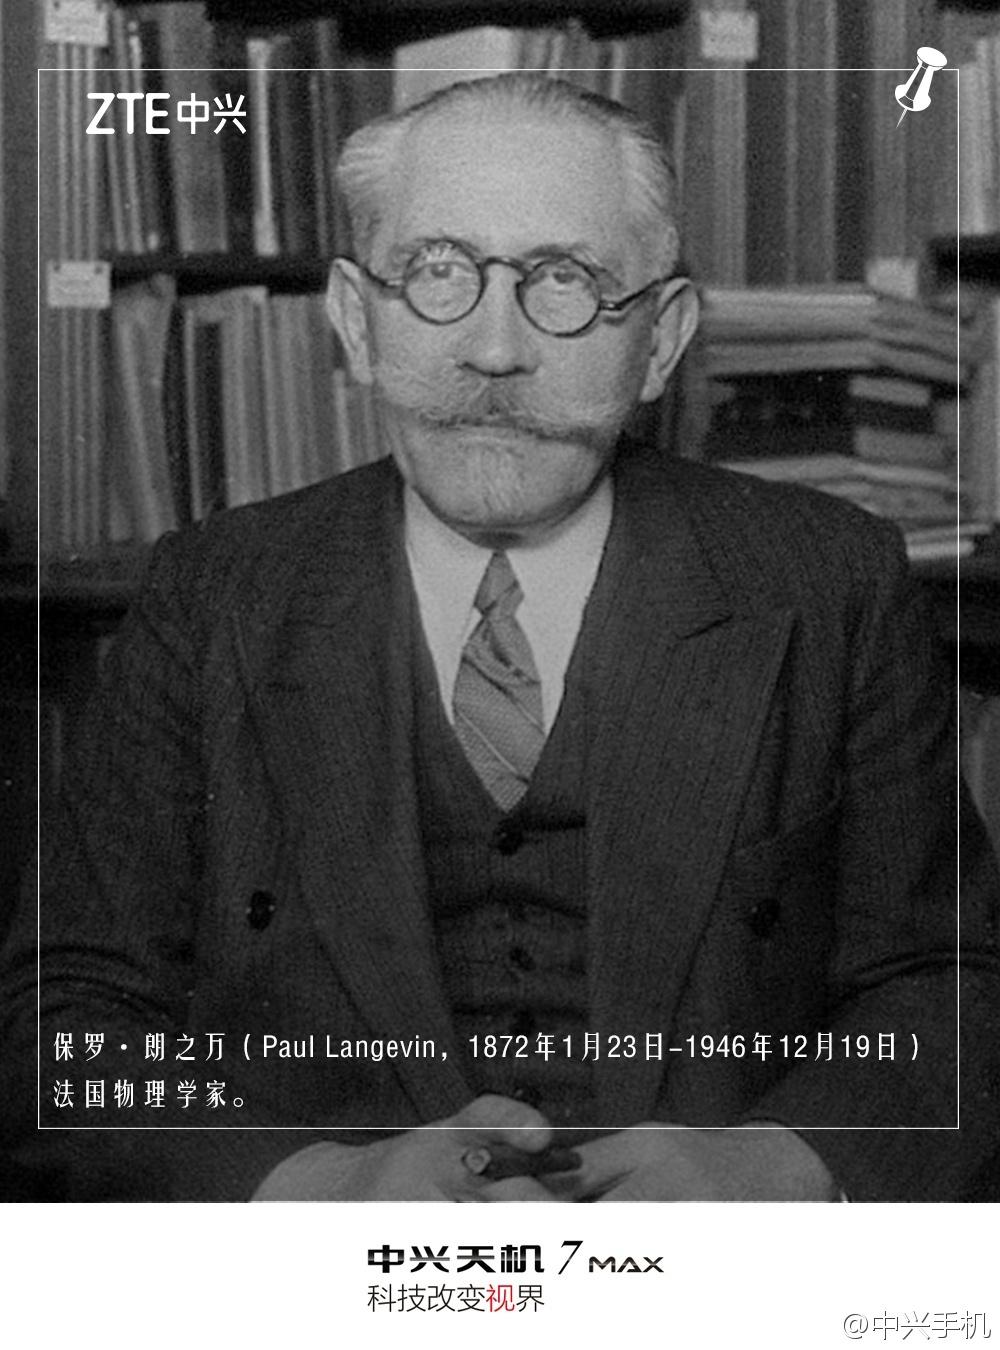 保罗·朗之万,法国物理学家